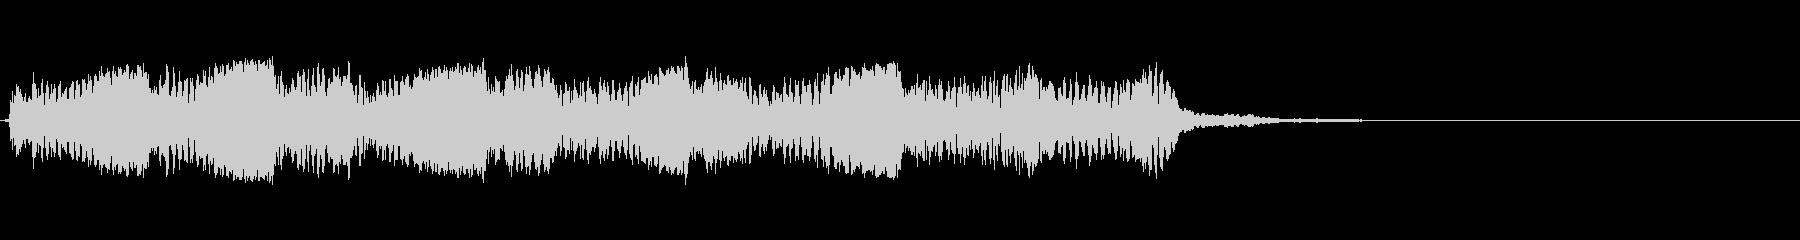 Guitarジングル8/BADBOYの未再生の波形